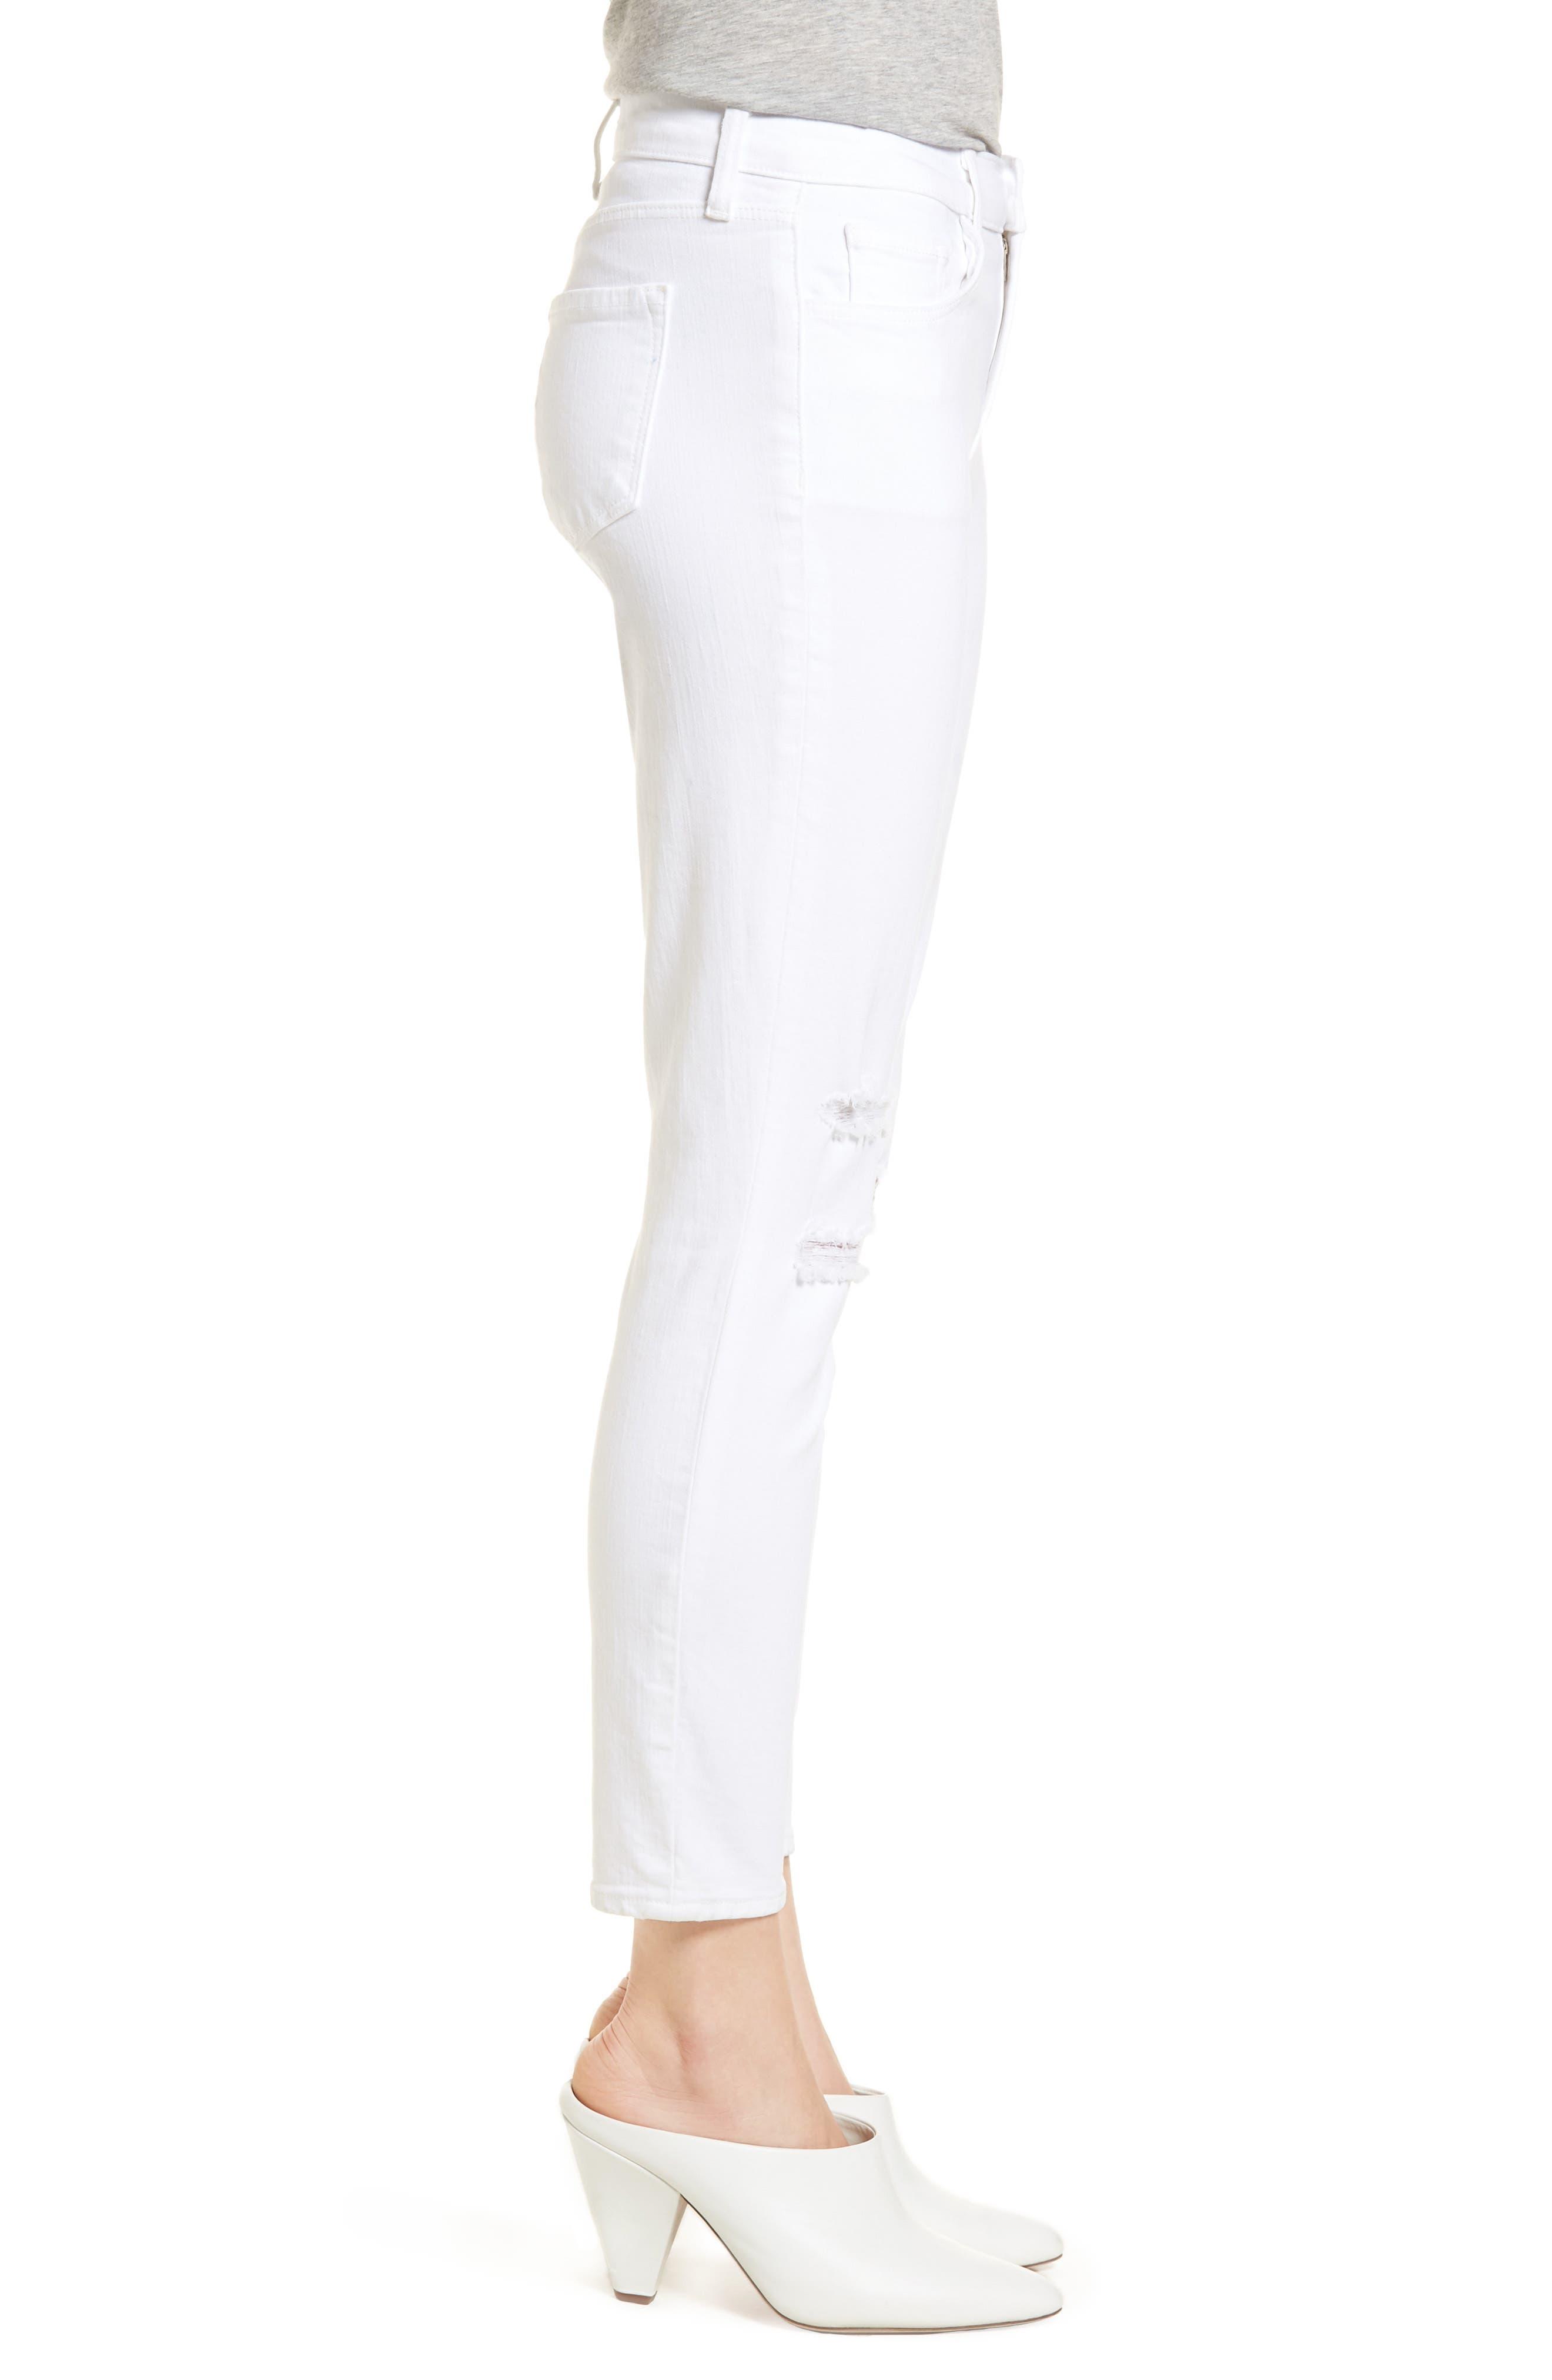 J BRAND, Mid-Rise Capri Skinny Jeans, Alternate thumbnail 4, color, 101